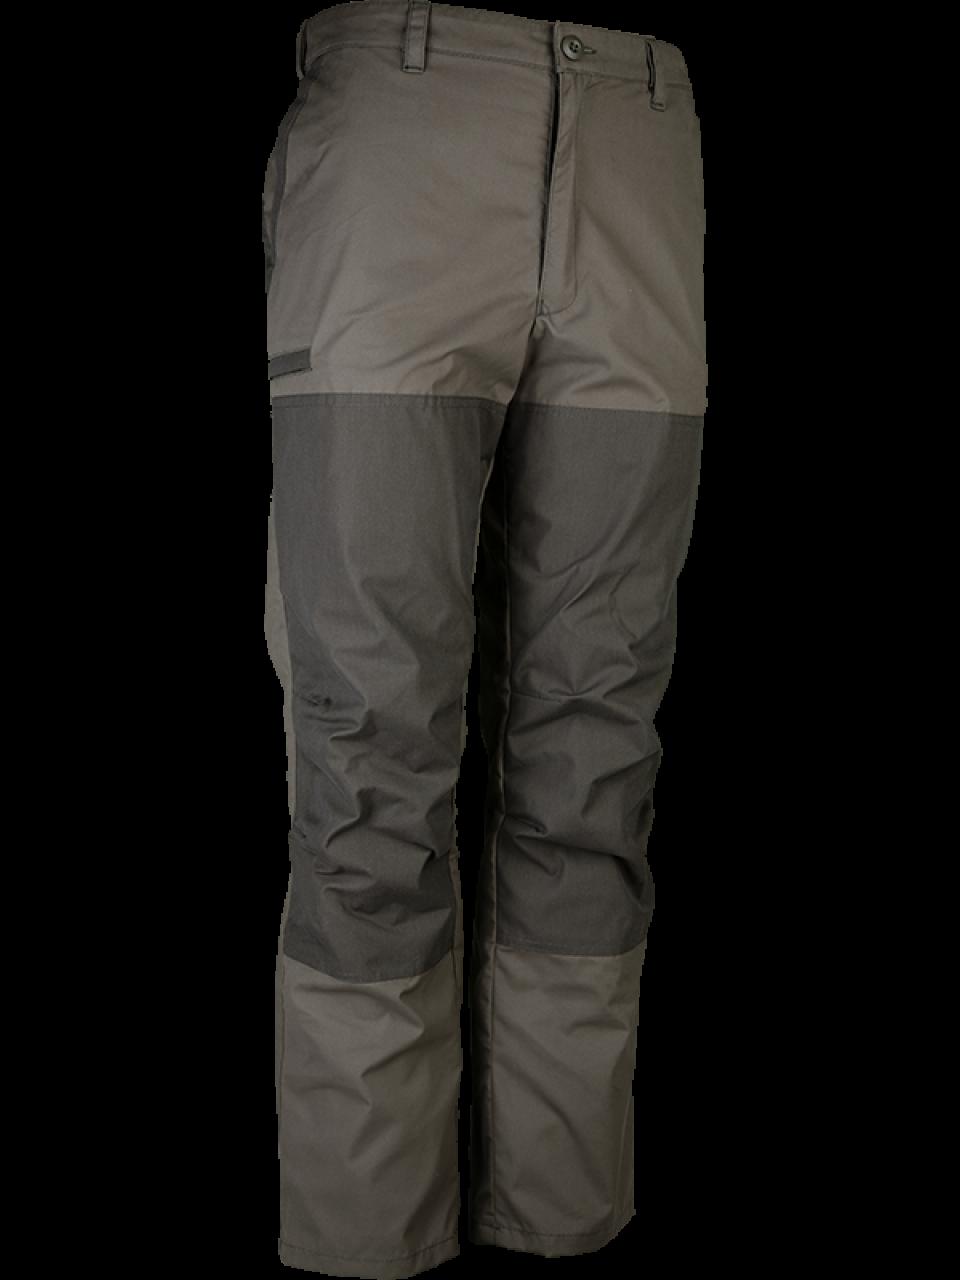 5195a5eb27c4 Oficiální firemní e-shop BANNER Exclusive Outdoor. Kvalitní oděvy a potřeby  do přírody